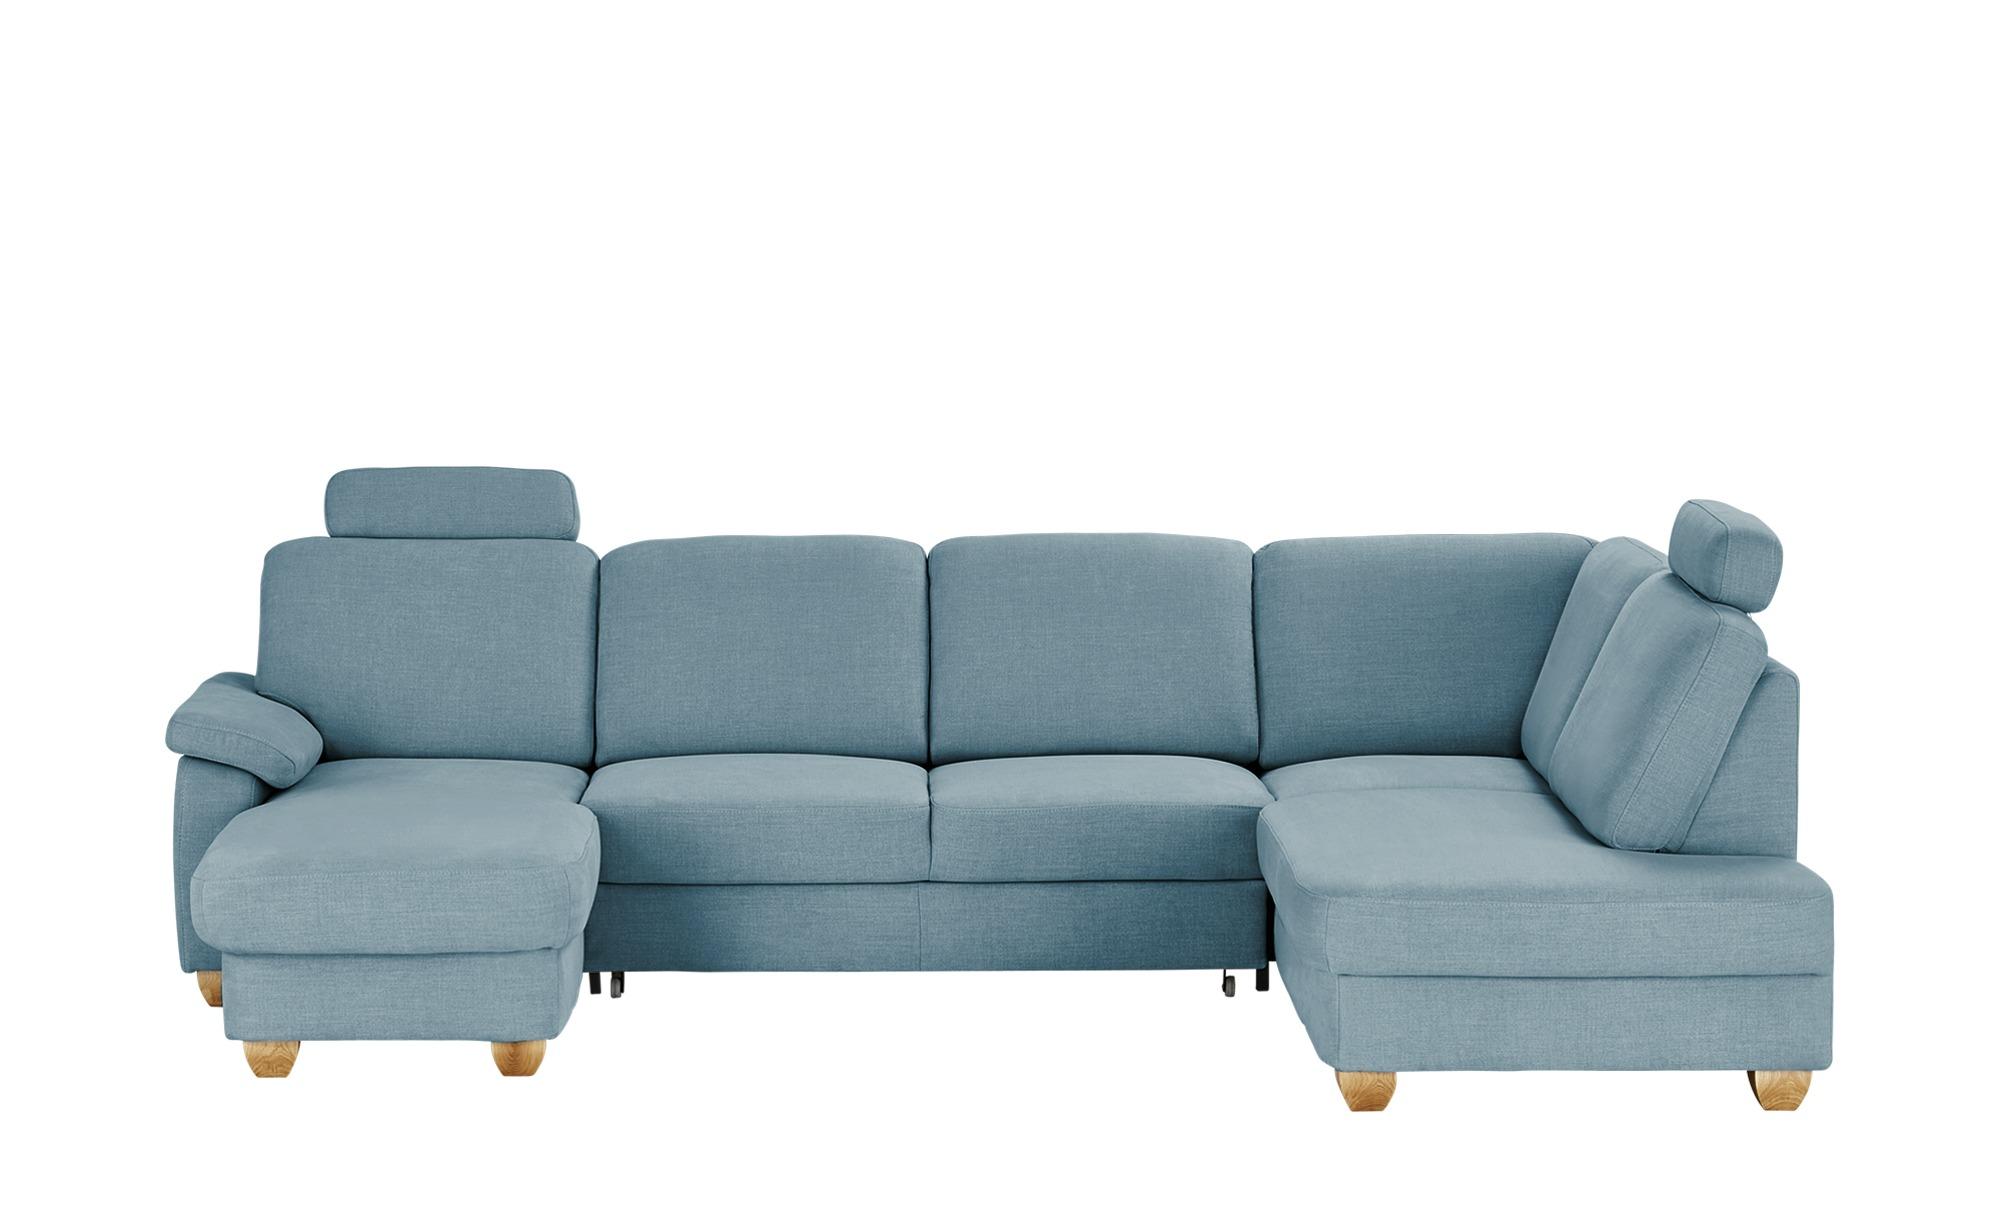 meinSofa Wohnlandschaft  blau - Webstoff Oliver-S ¦ blau ¦ Maße (cm): H: 85 Polstermöbel > Sofas > Schlafsofas - Höffner